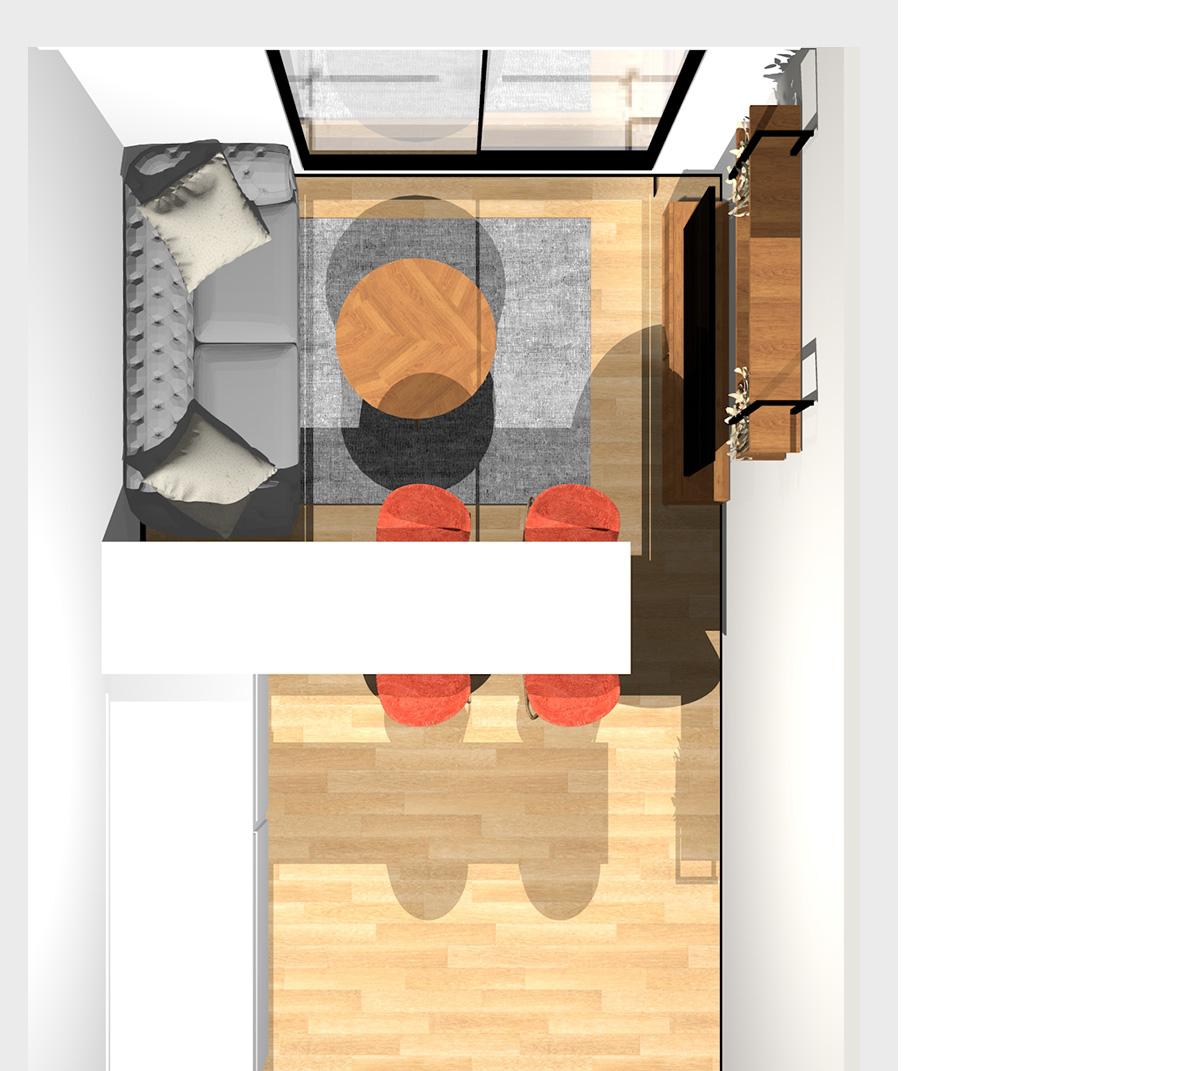 キッチンの側面をリビング側から使える収納にしたリビングダイニング(壁付けI型キッチン)のパース